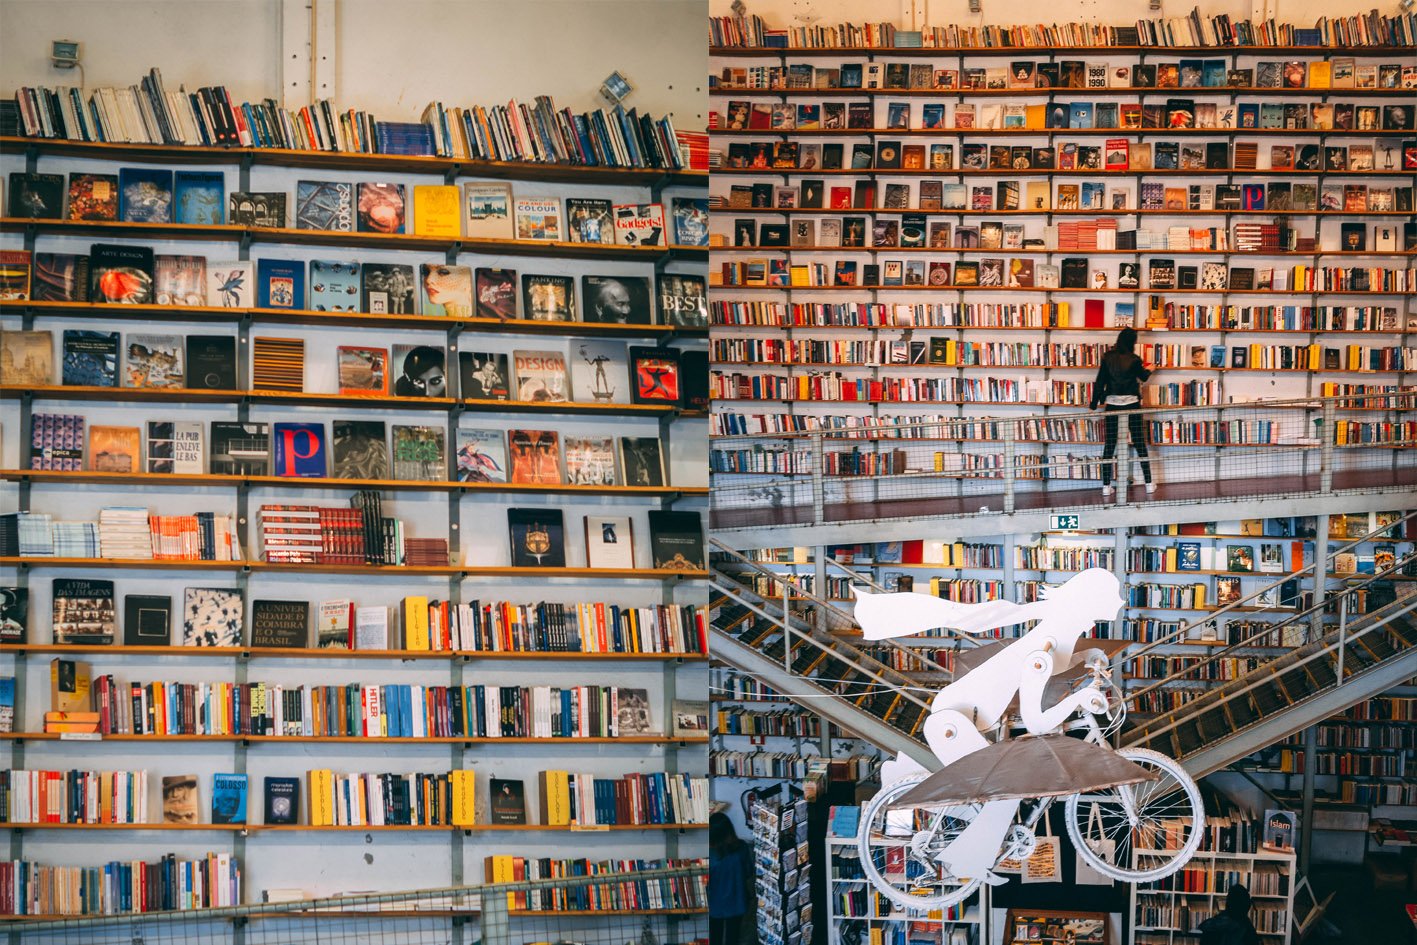 Librairie Lisbonne